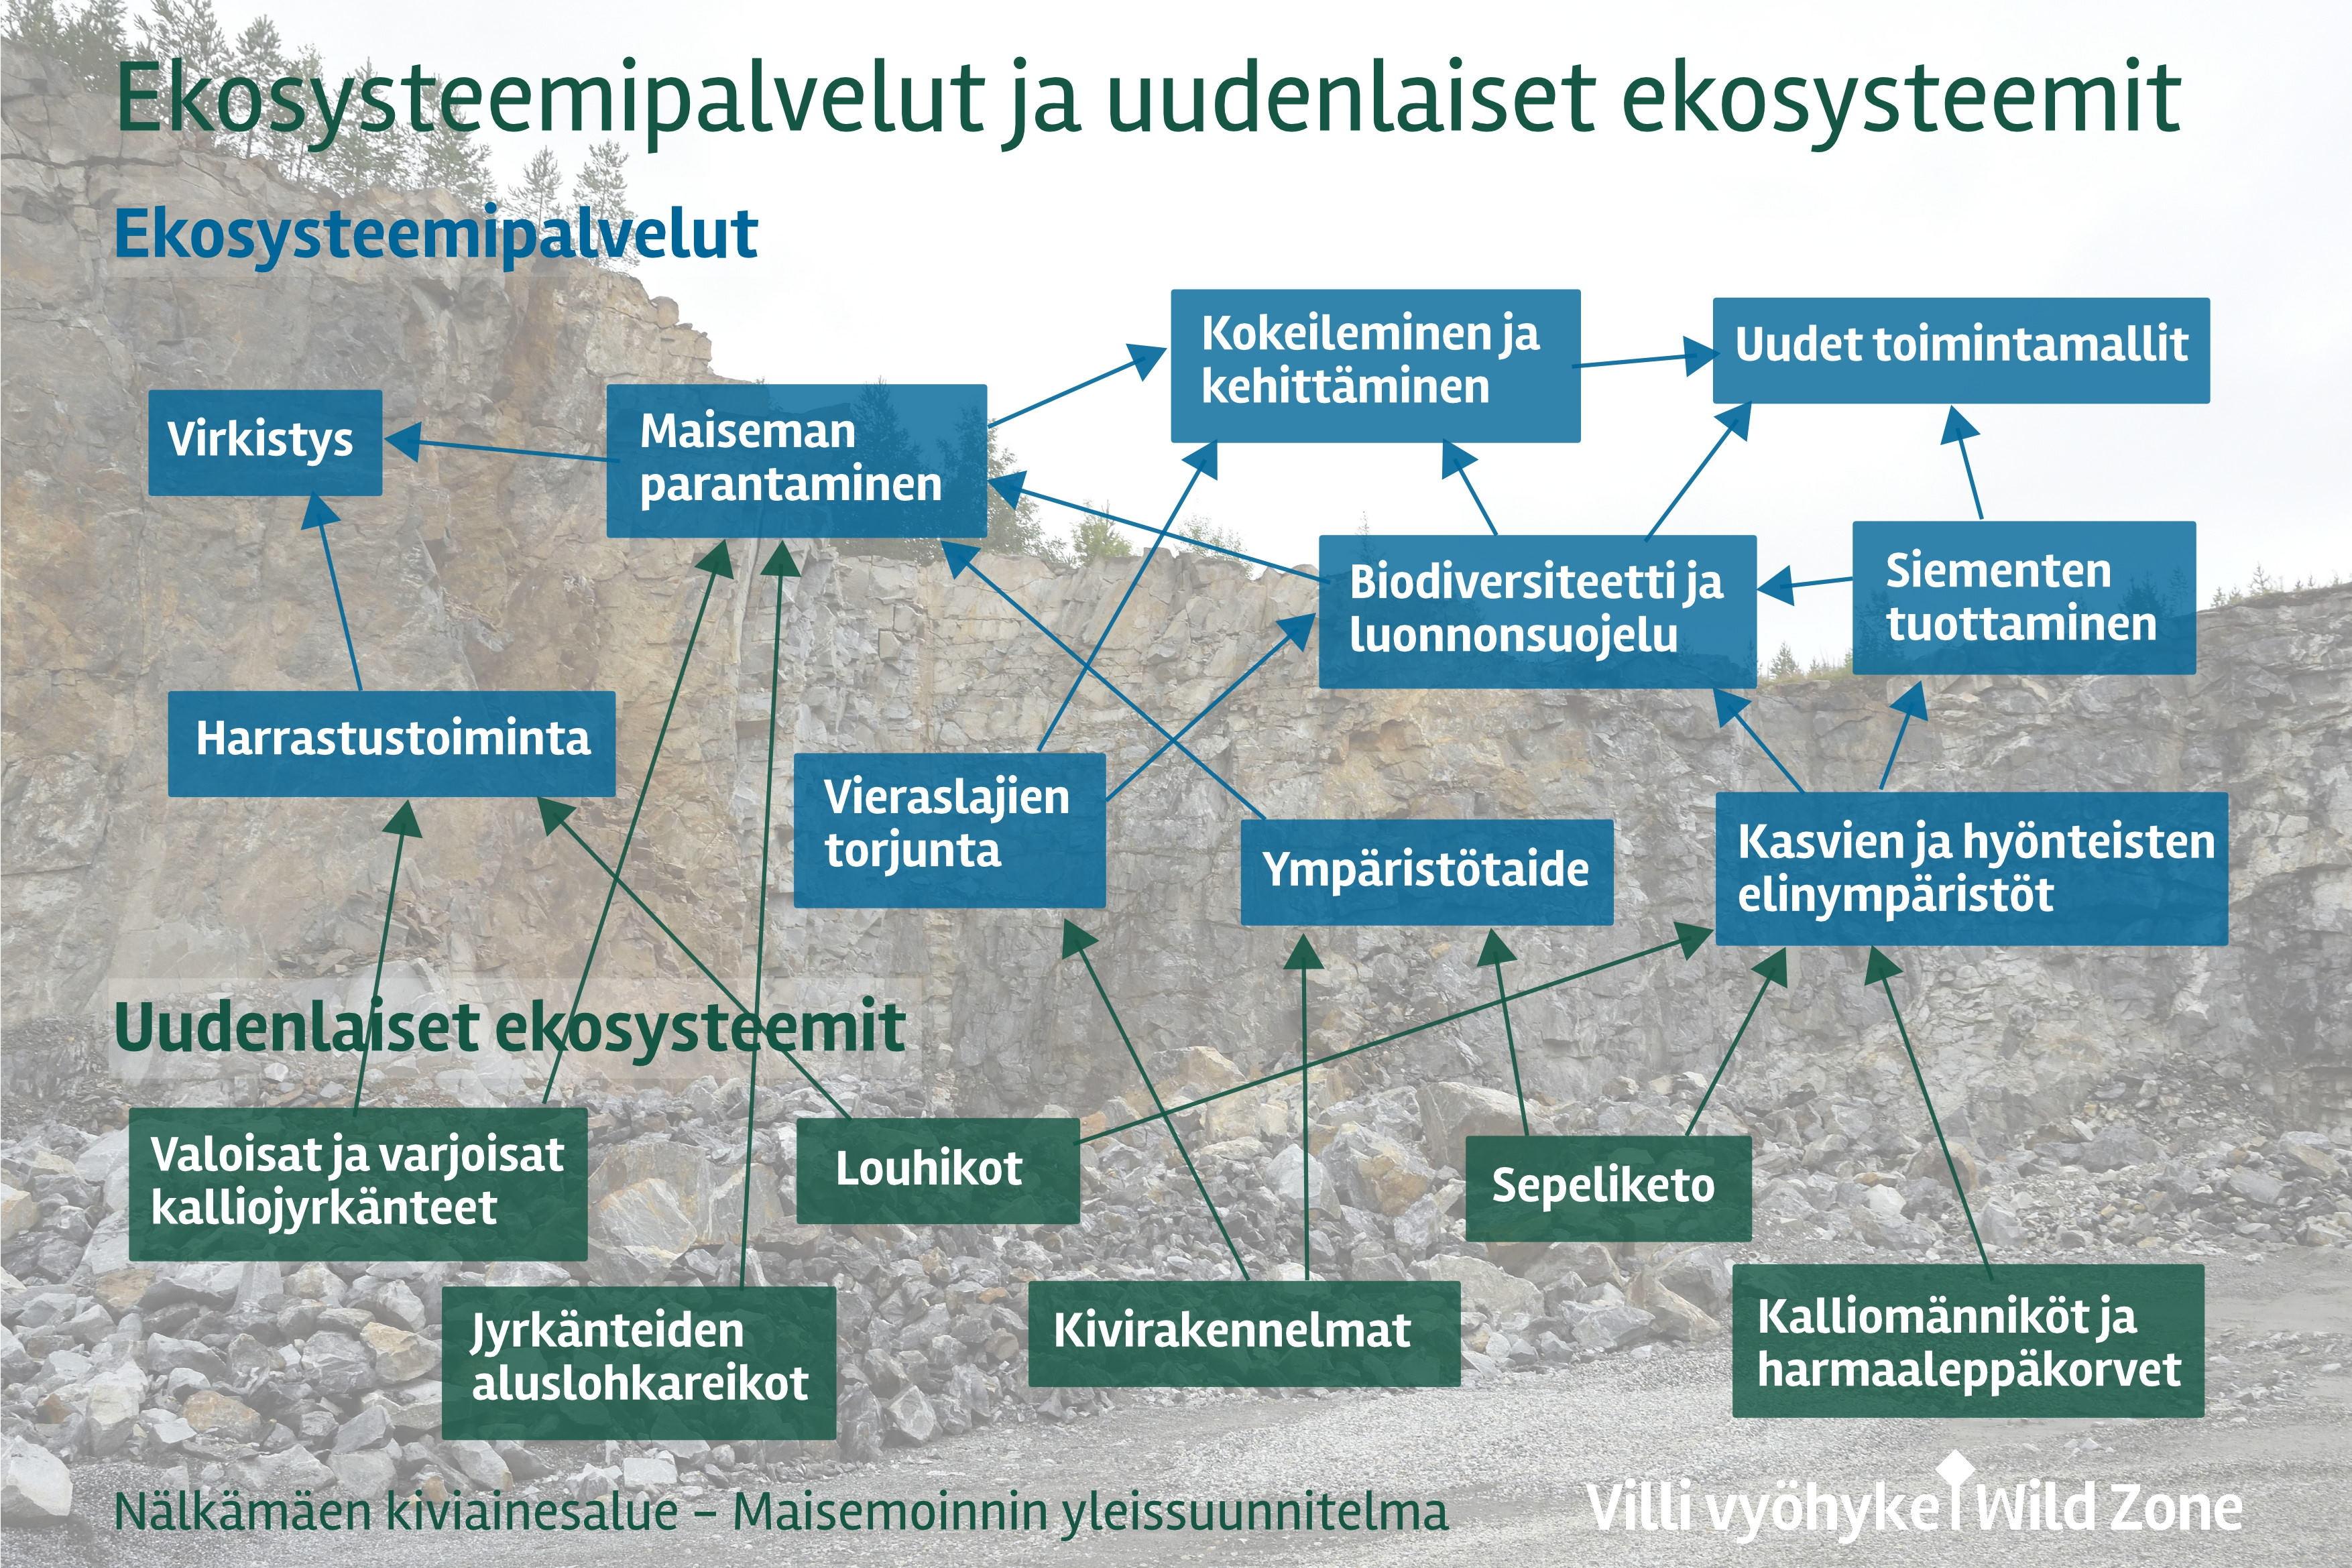 Destia_Nälkämäen maisemointisuunnitelma_Villi vyöhyke 23.10.2017_Diagrammi_01LoFi